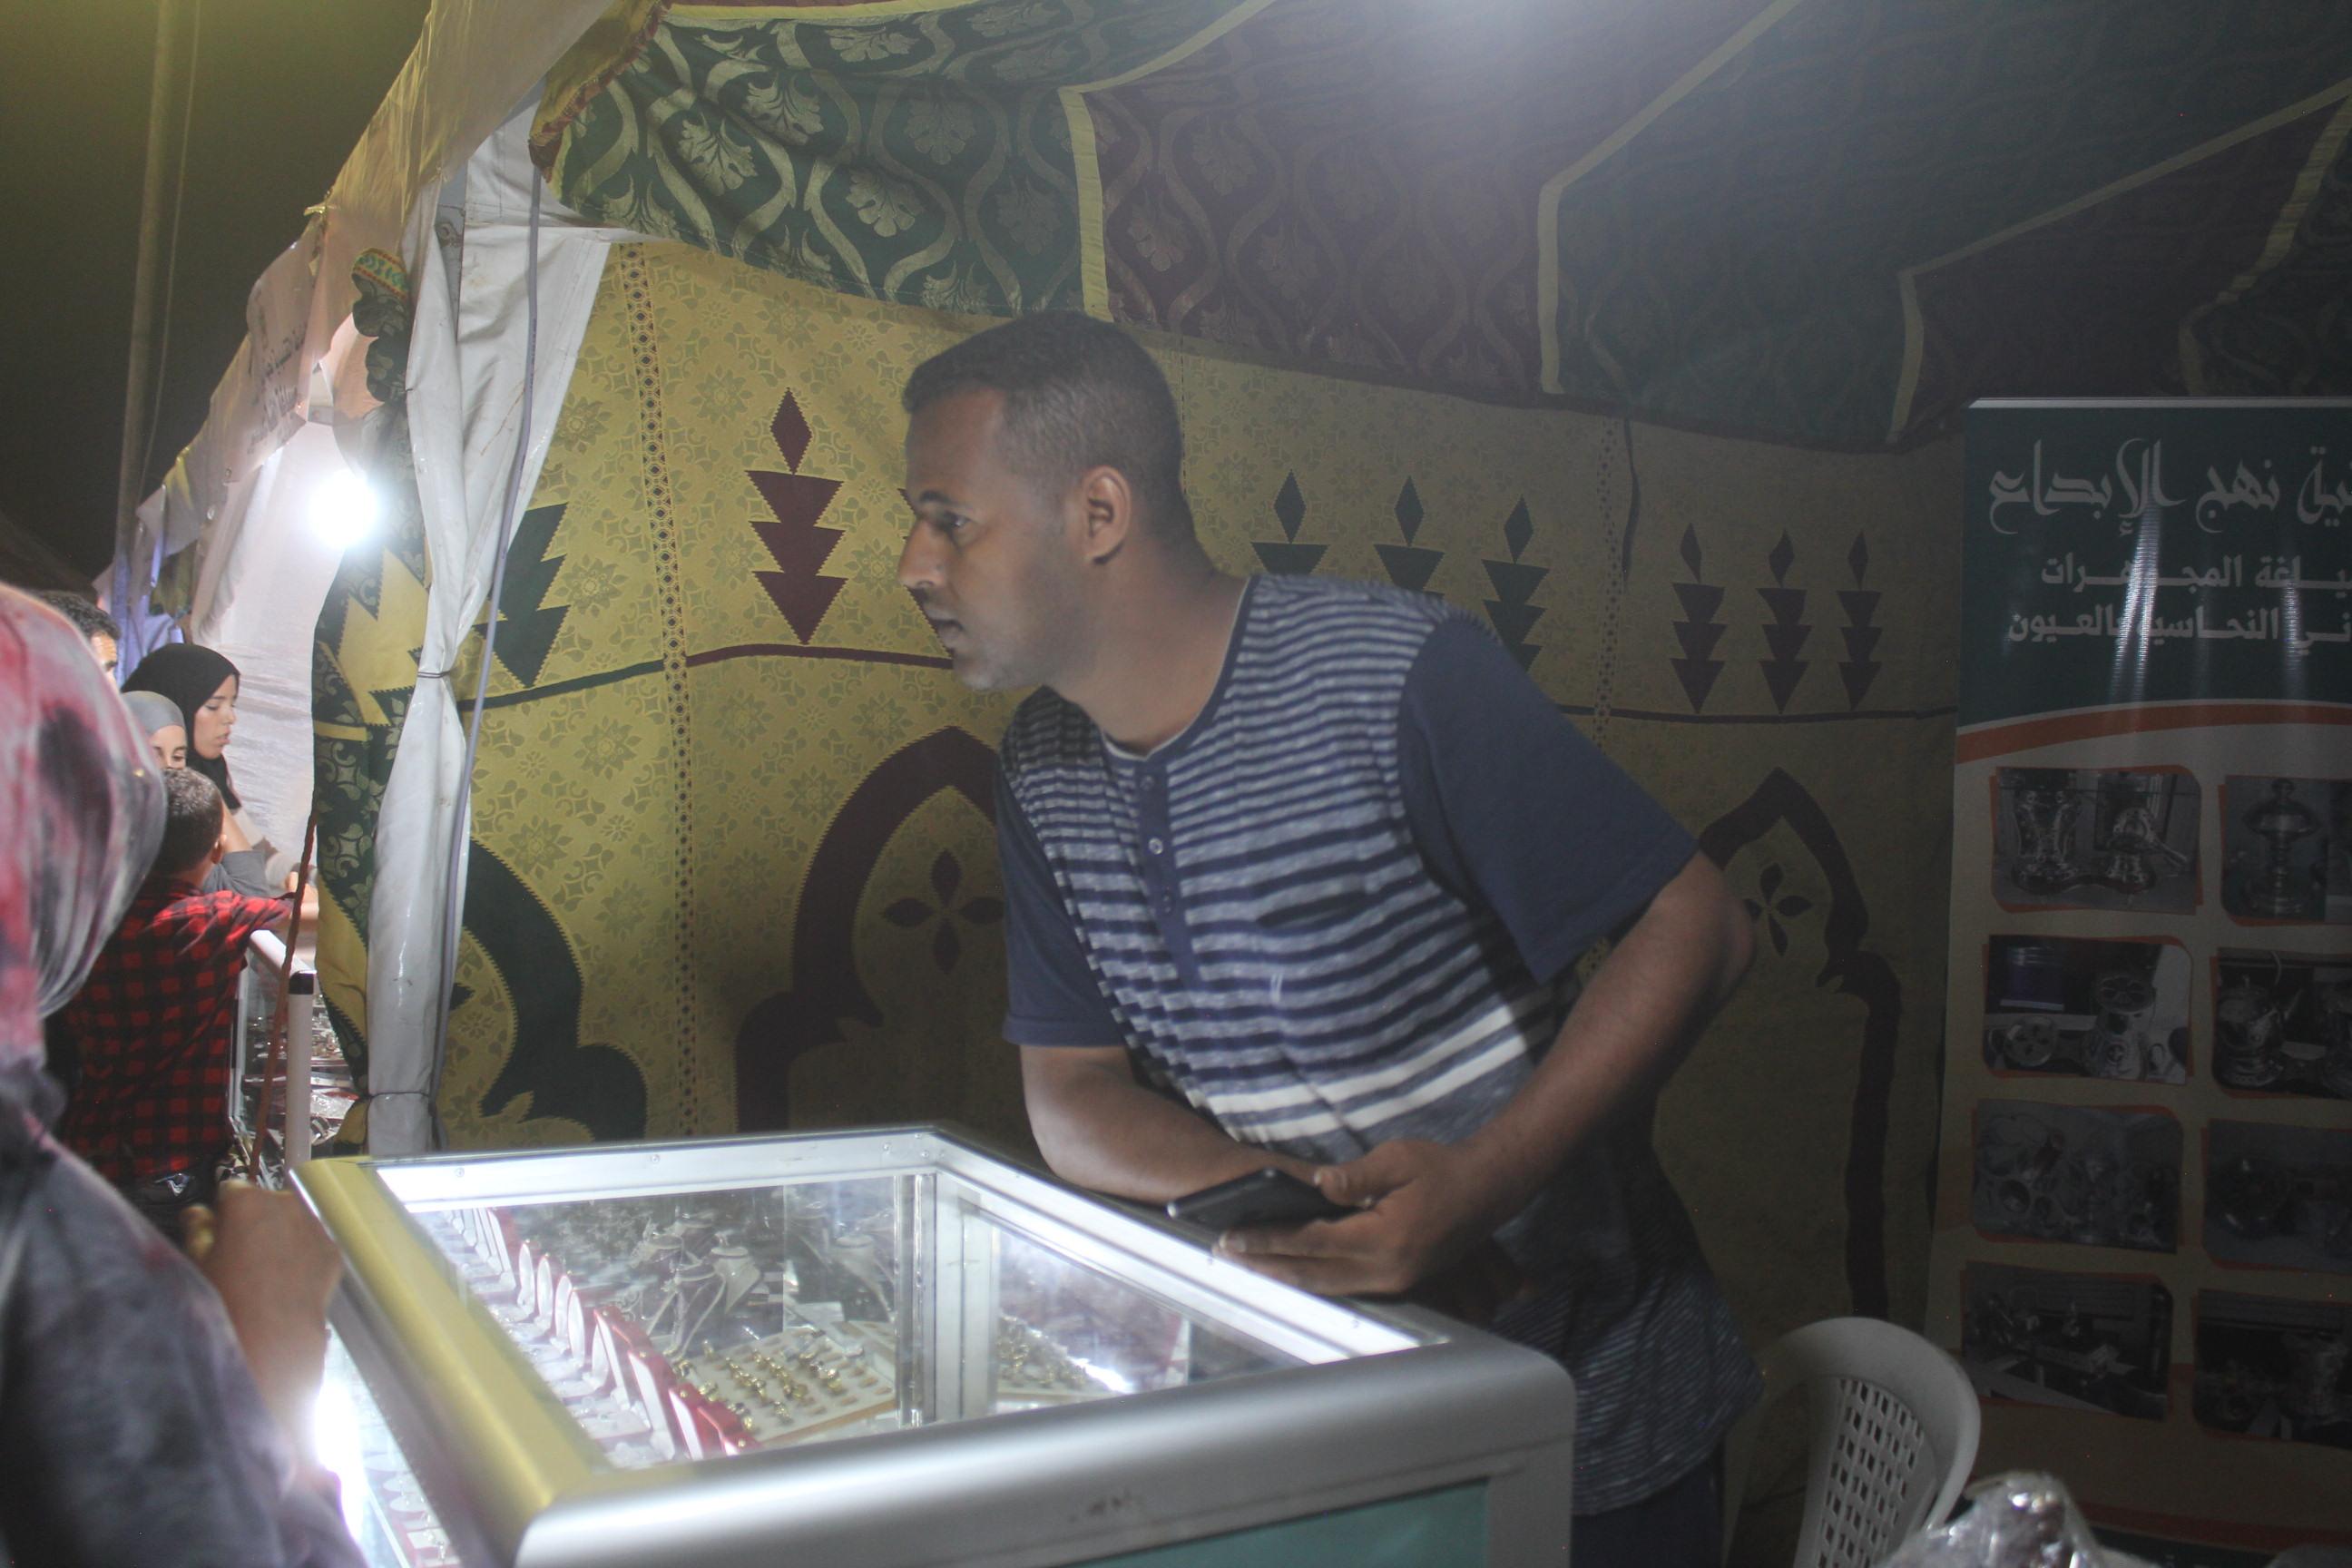 أكادير:المنتدى الوطني لشباب الصحراء ينظم النسخة الرابعة من مهرجان القبائل الصحراوية